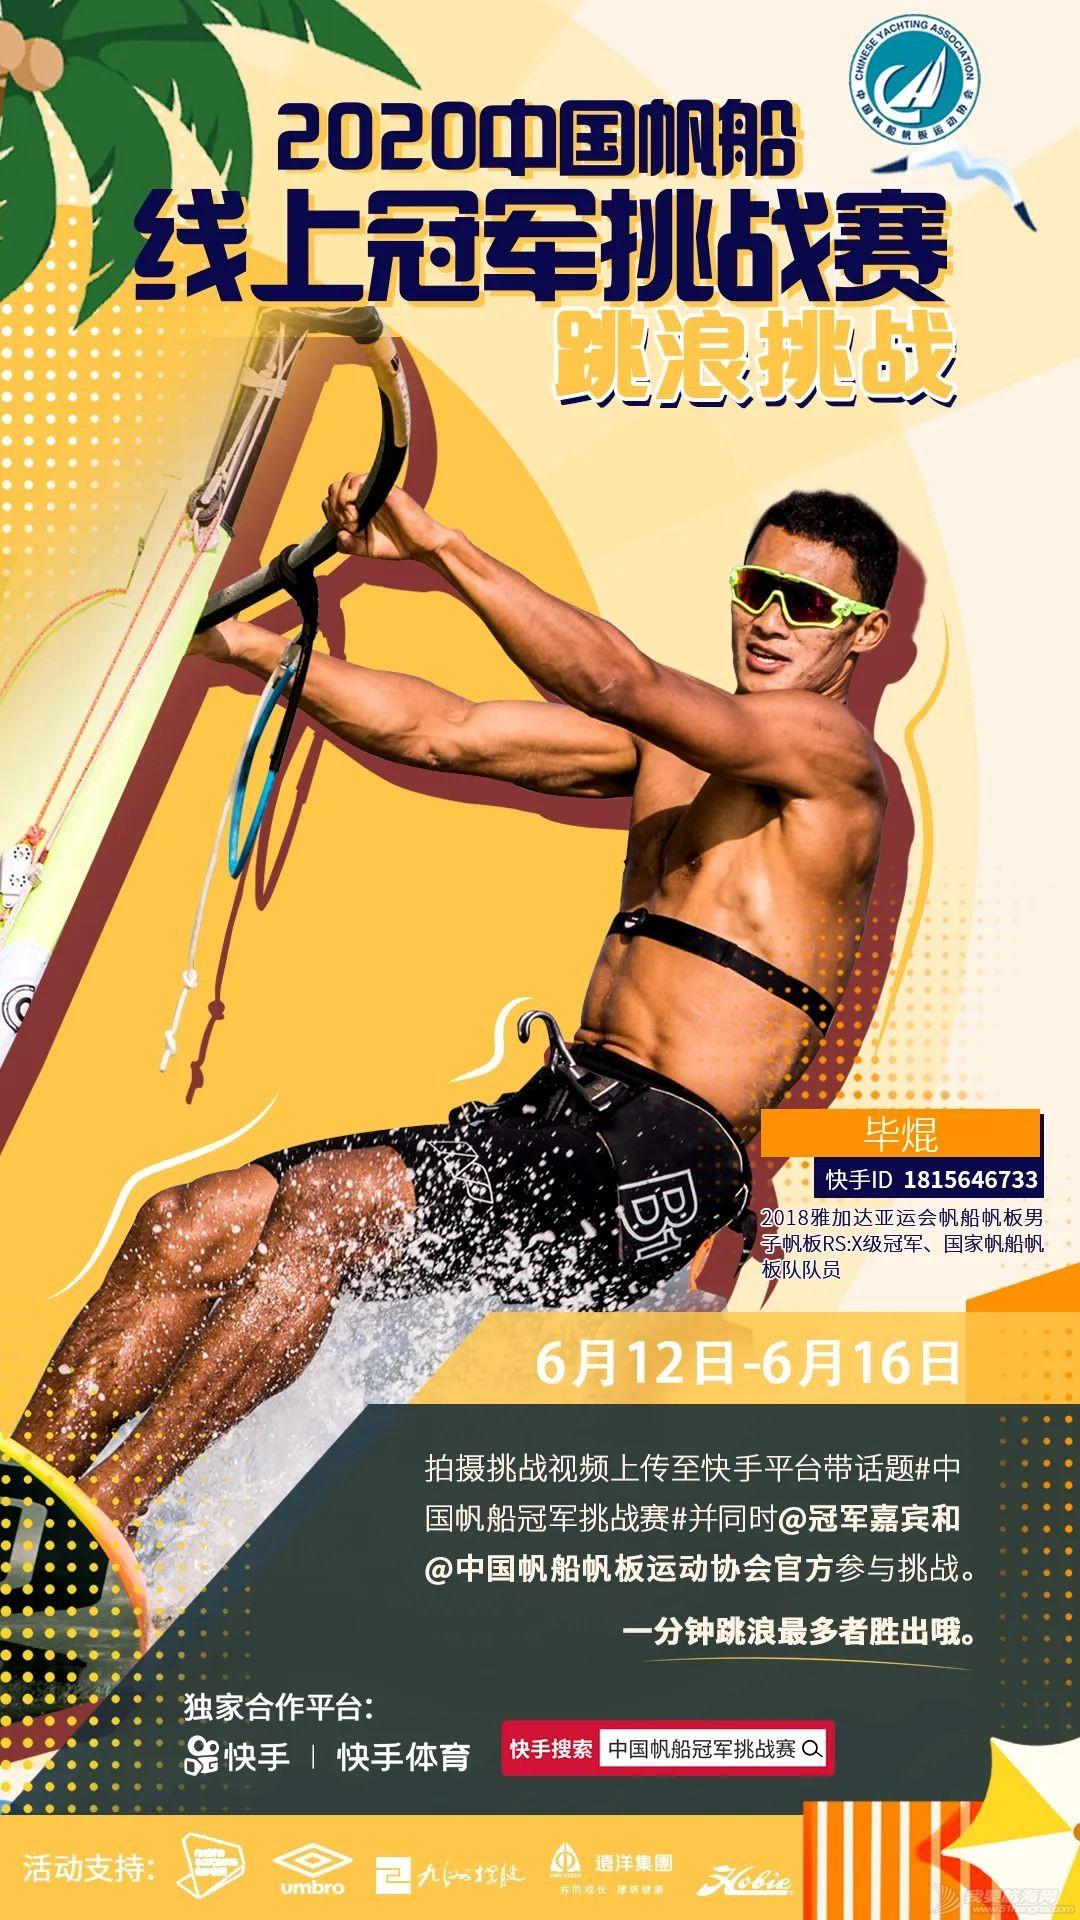 中国帆船线上冠军挑战赛第一期跳浪挑战正式上线!快来向帆板小王子毕焜发起挑战!w7.jpg